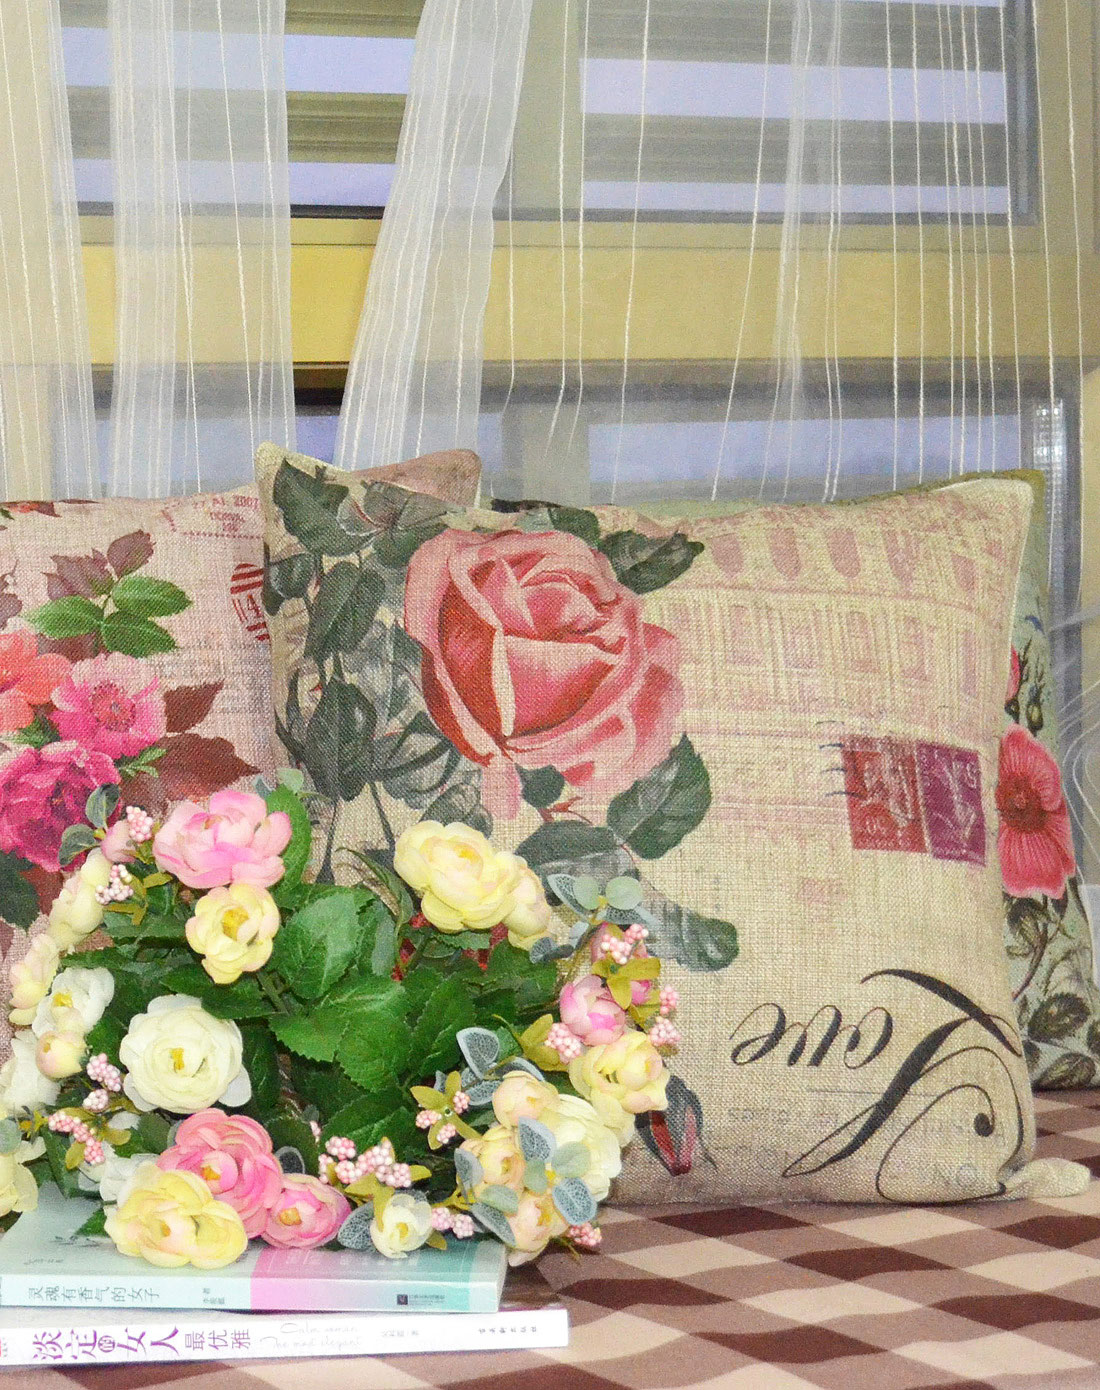 手绘立体花朵厚磅棉麻抱枕套(红玫瑰)